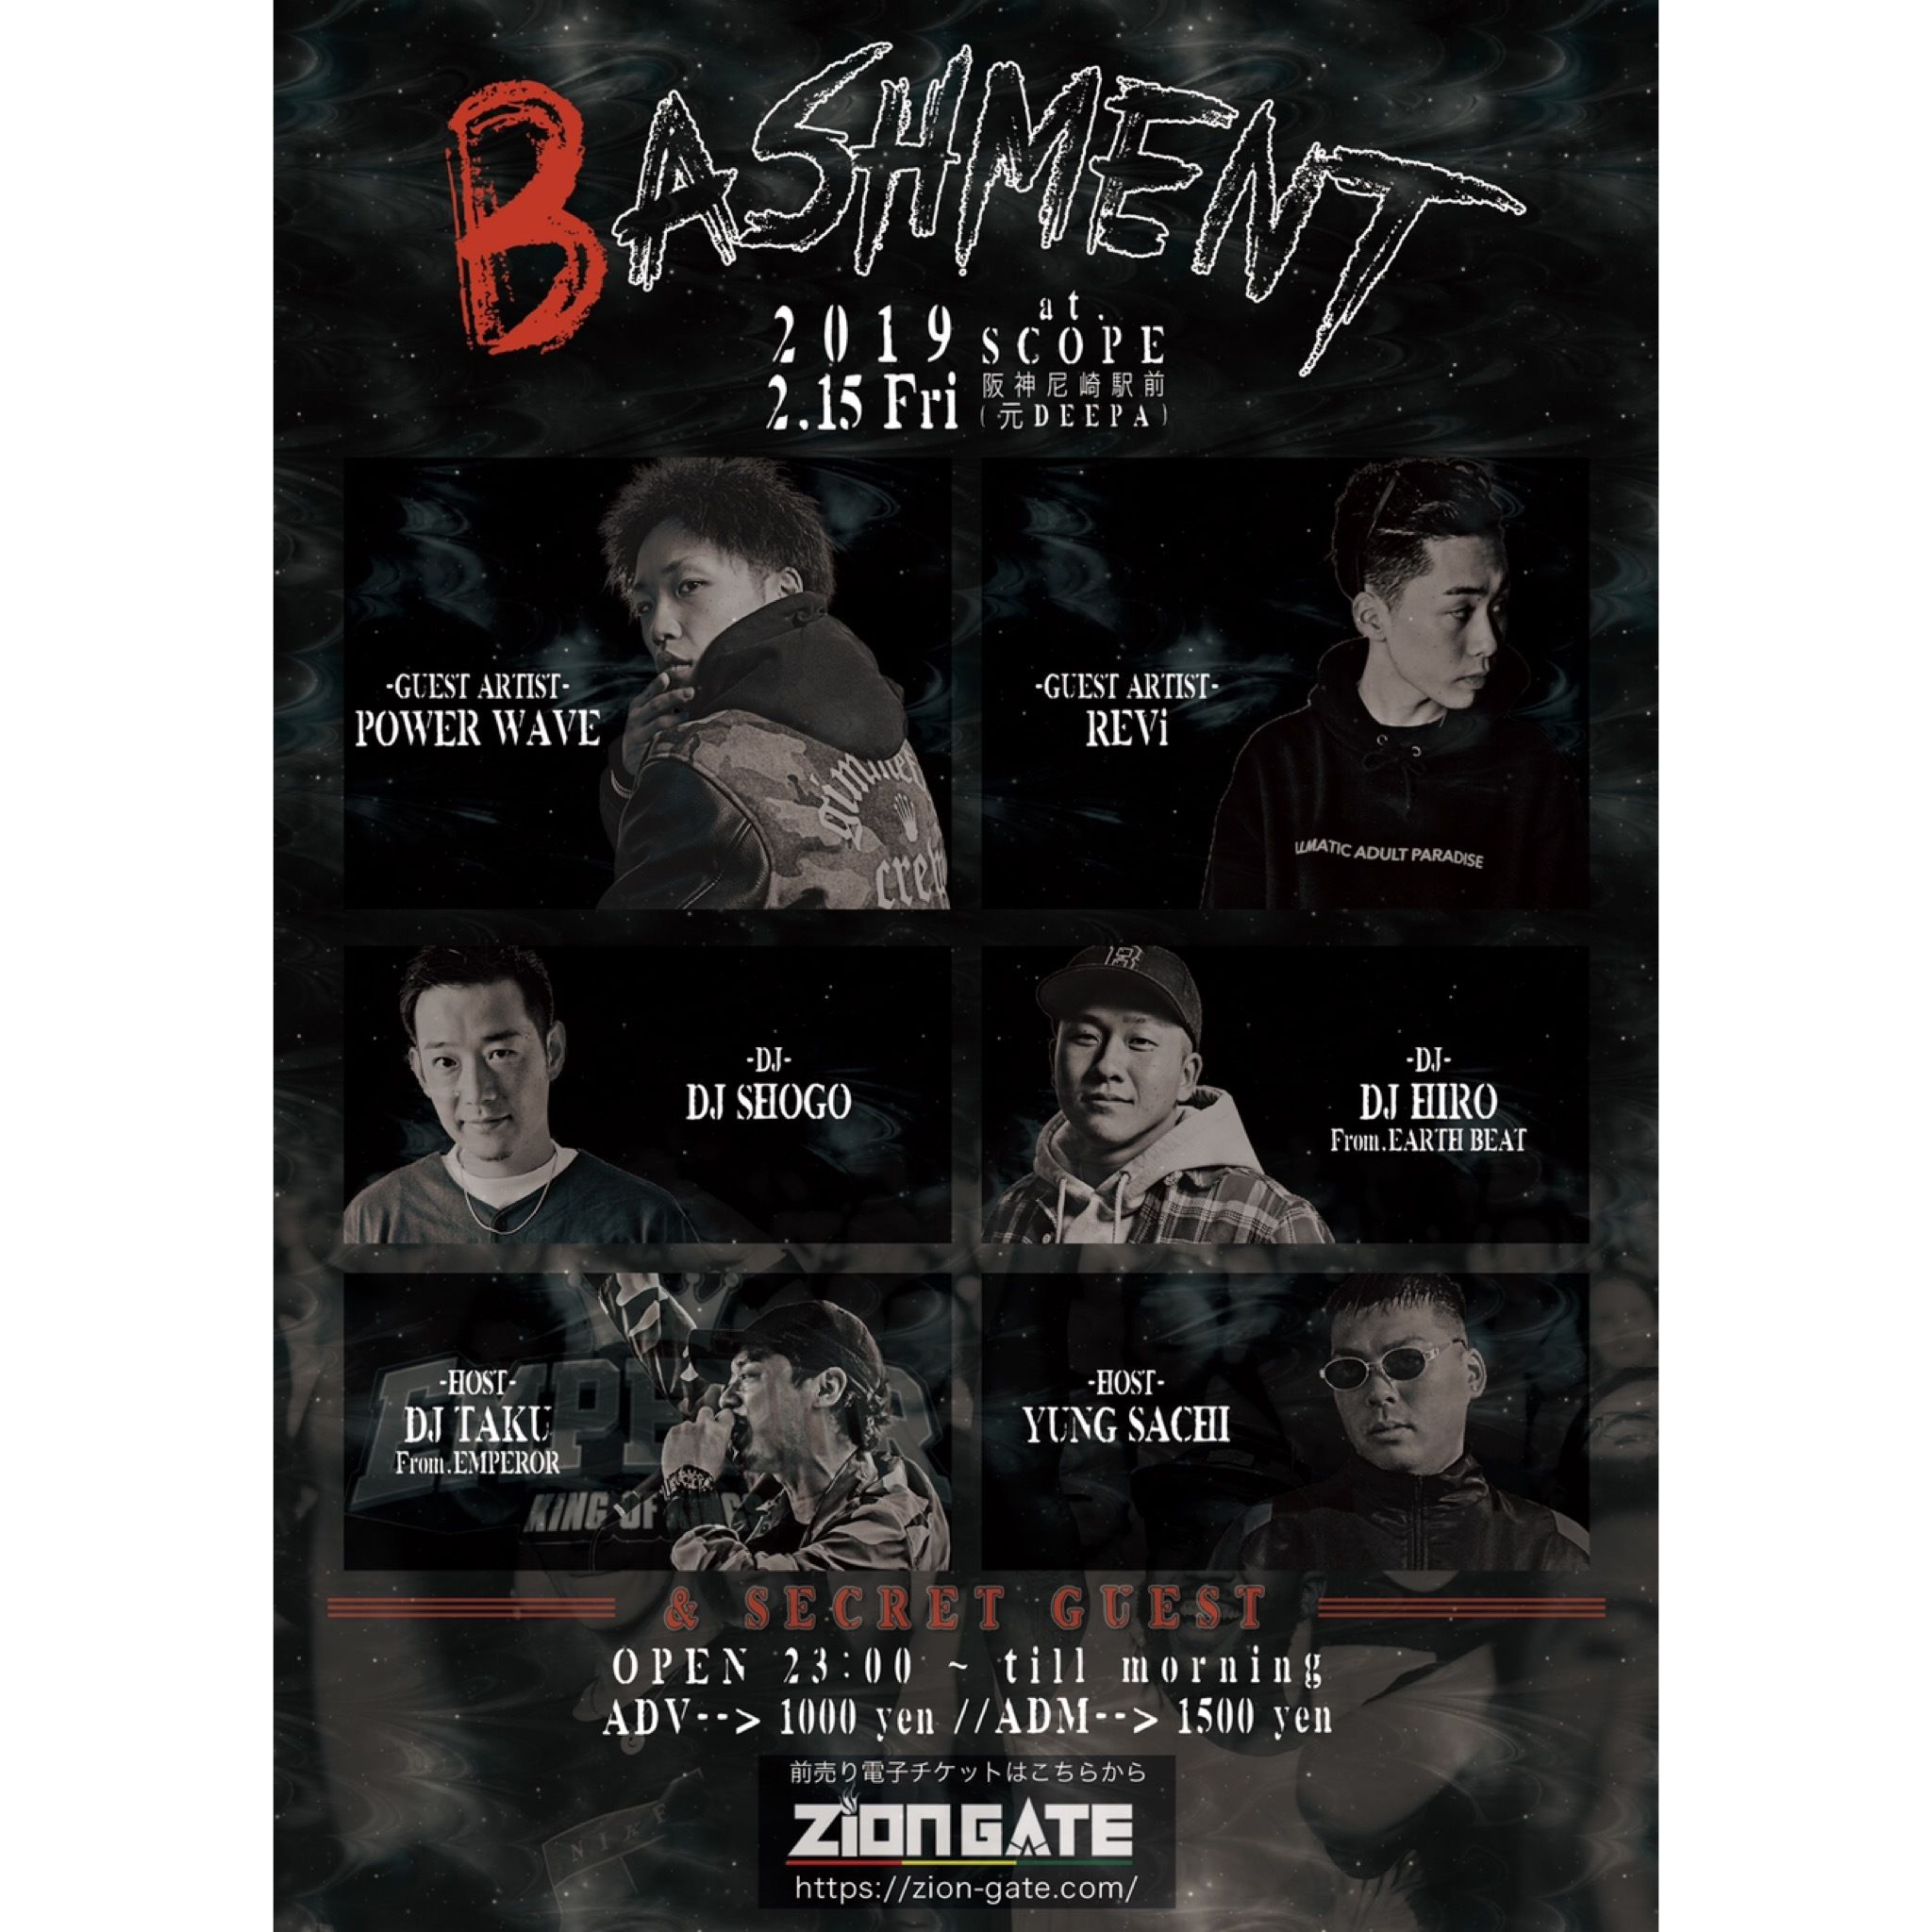 BASHMENT 2/15